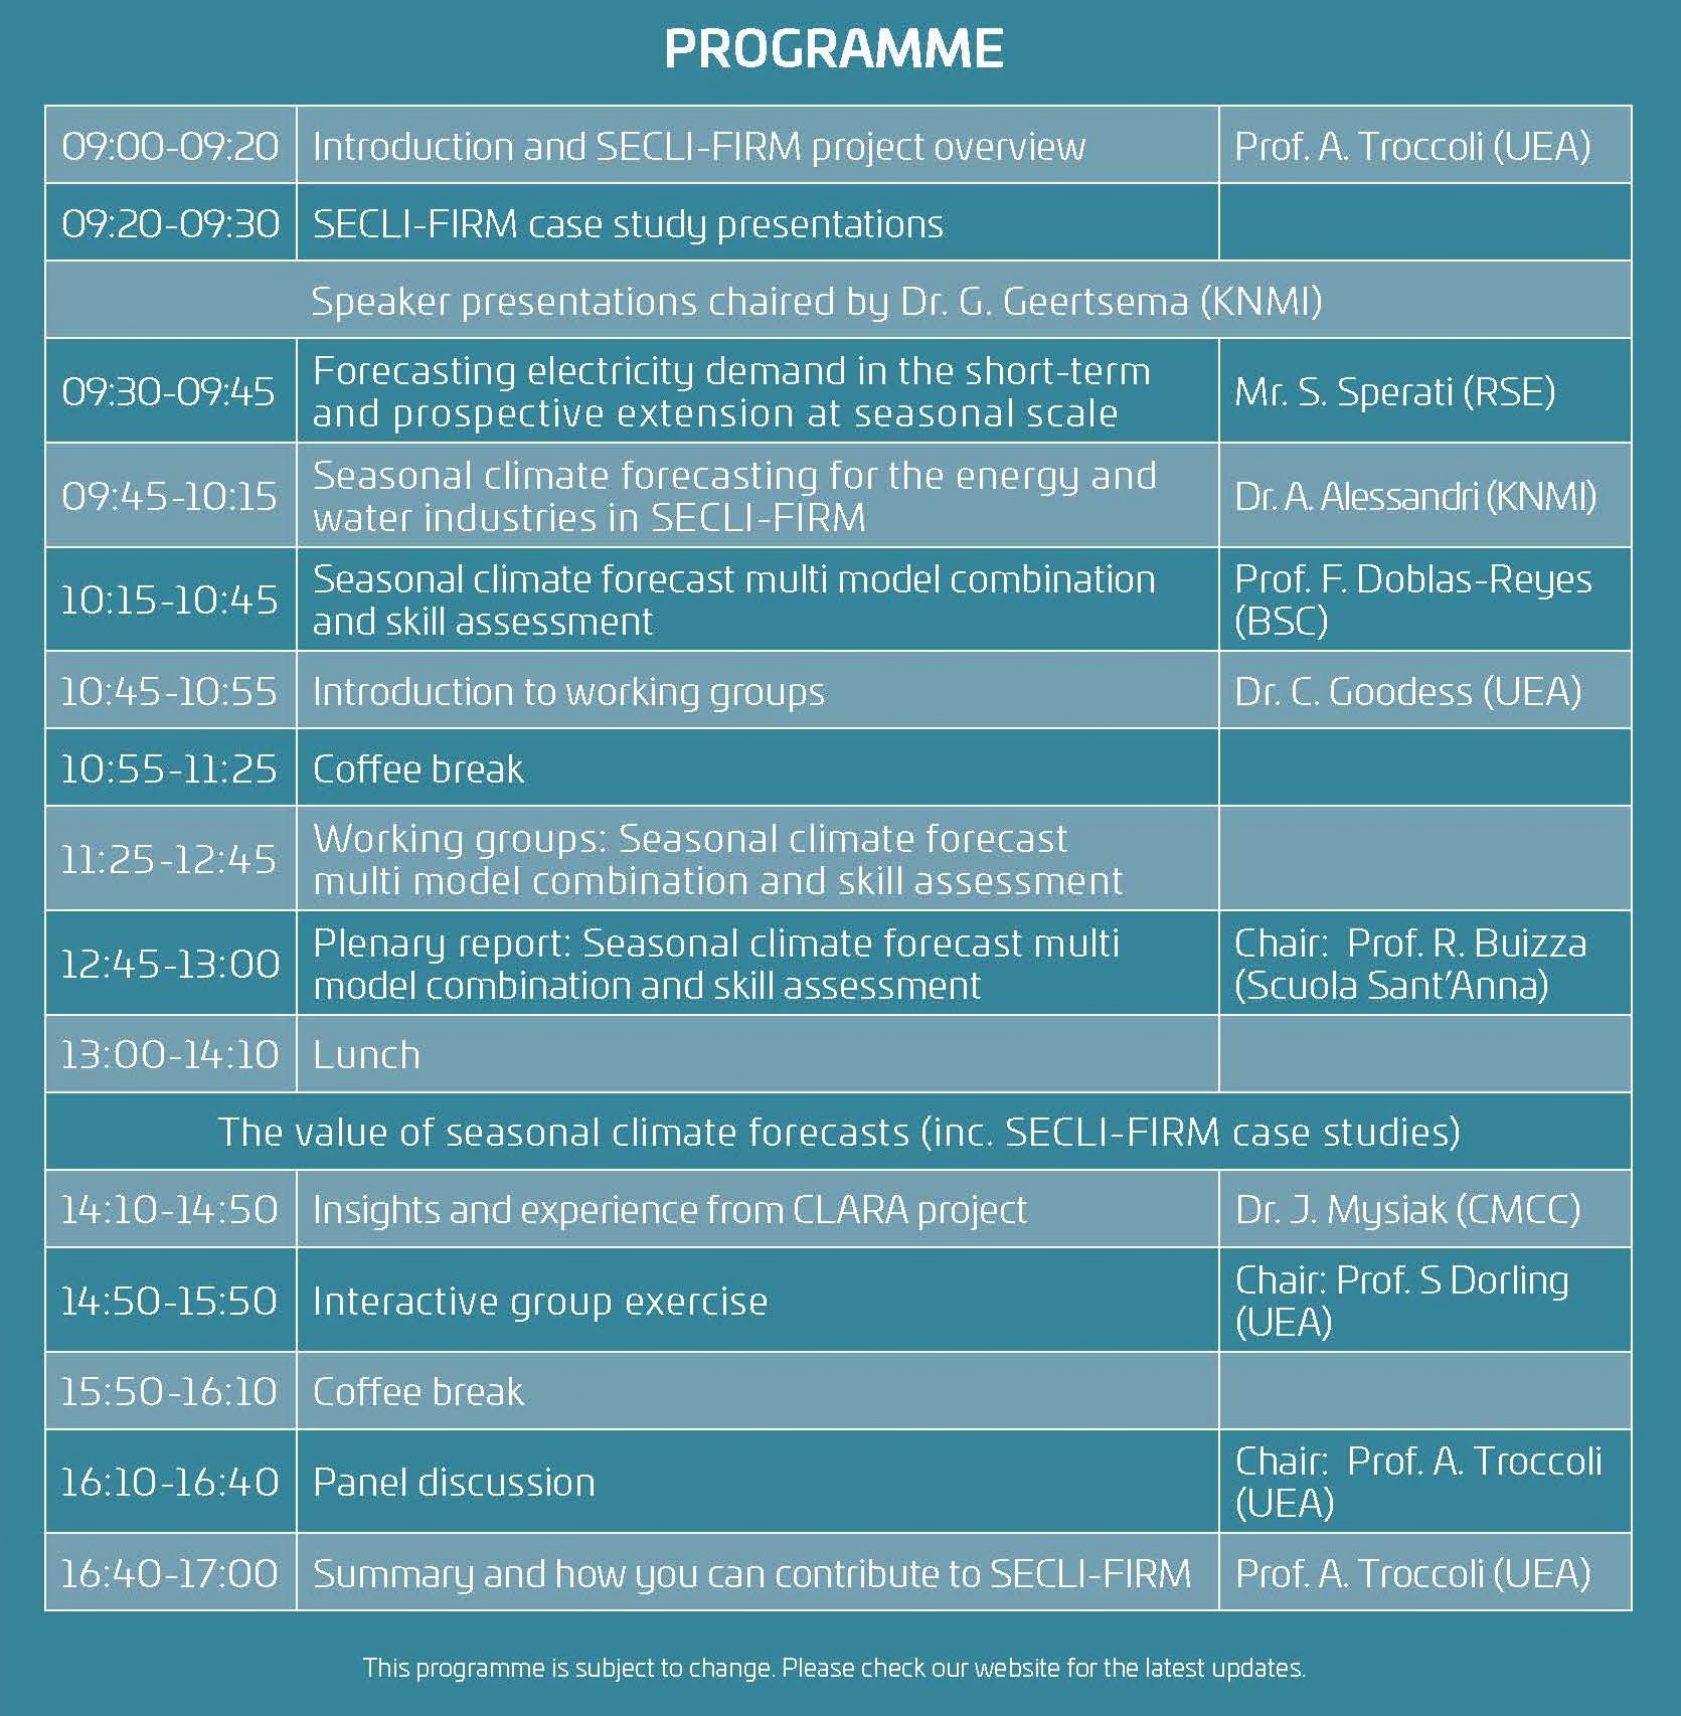 SECLI-FIRM Workshop Programme V9 FINAL 10.01.19